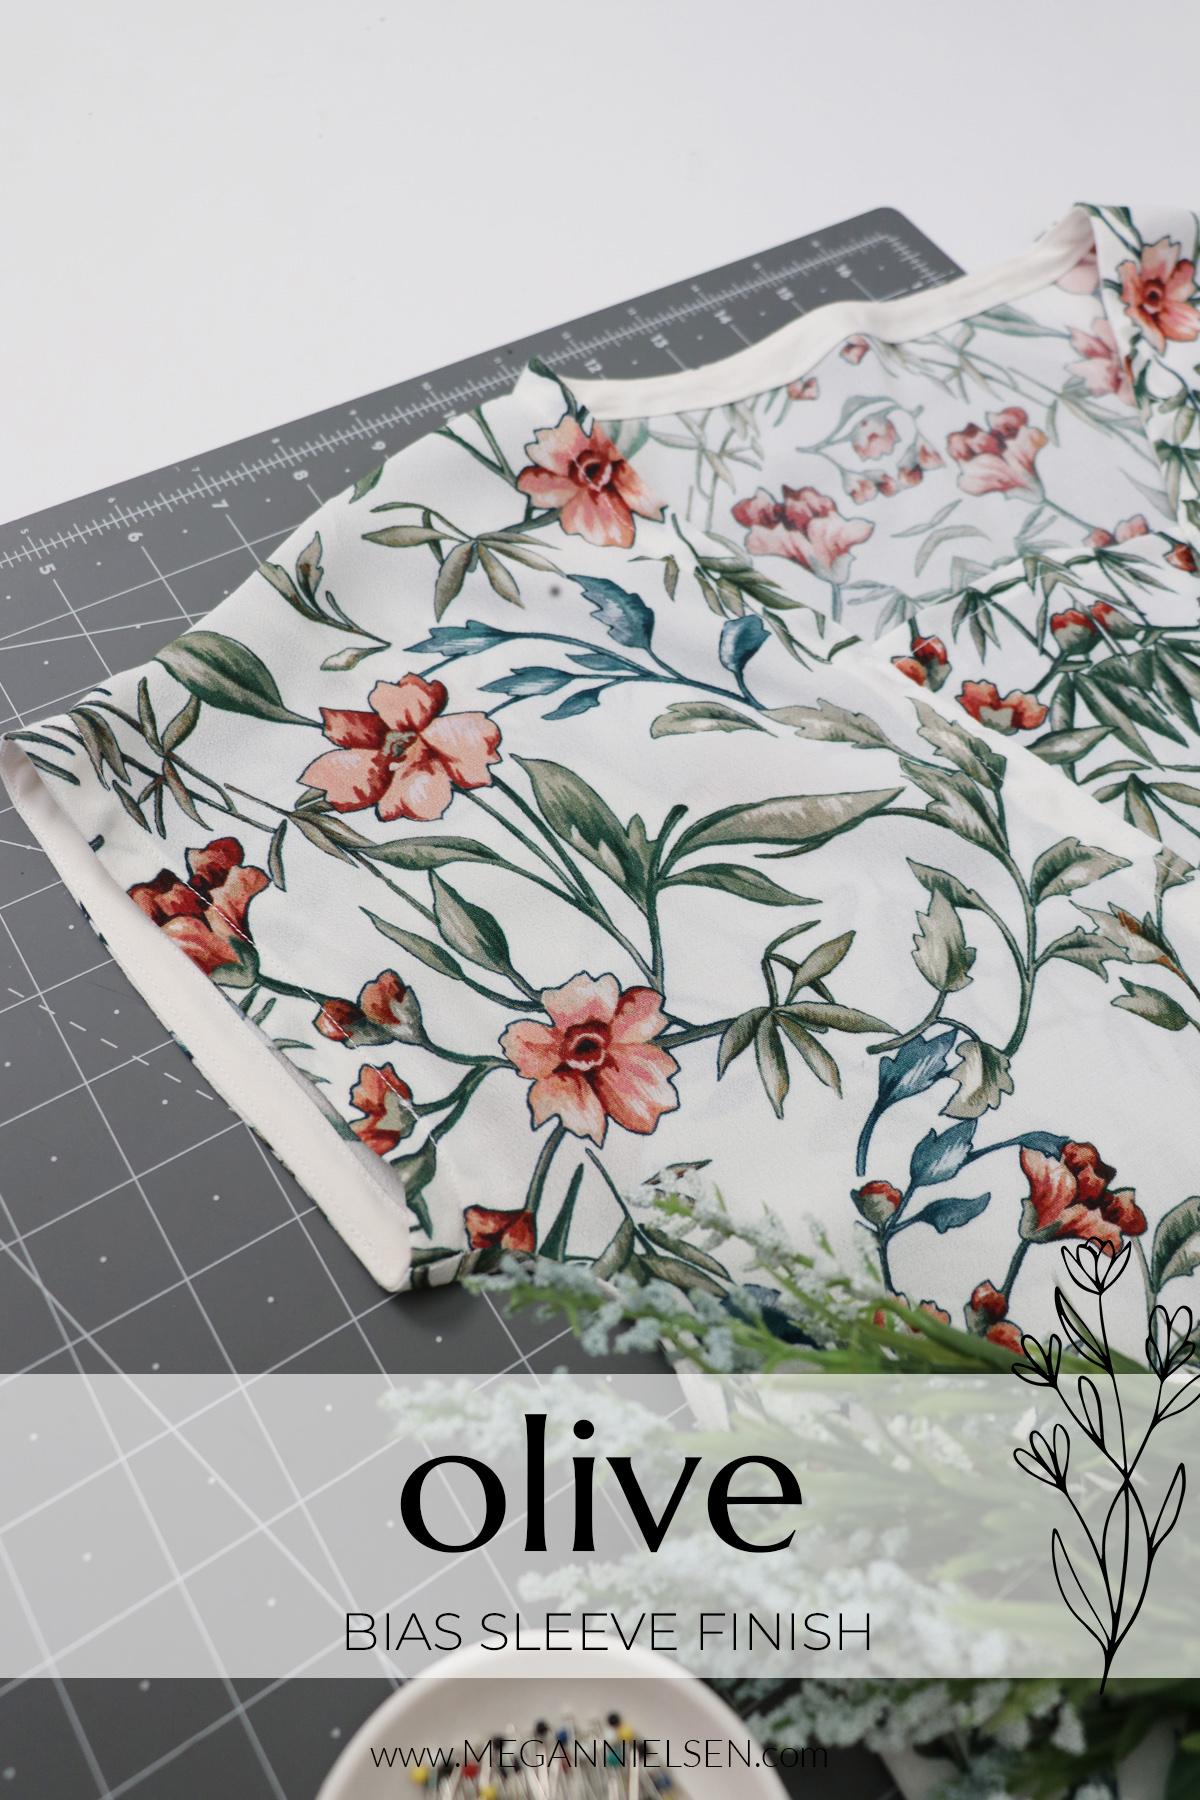 Olive sewalong bias sleeve finish